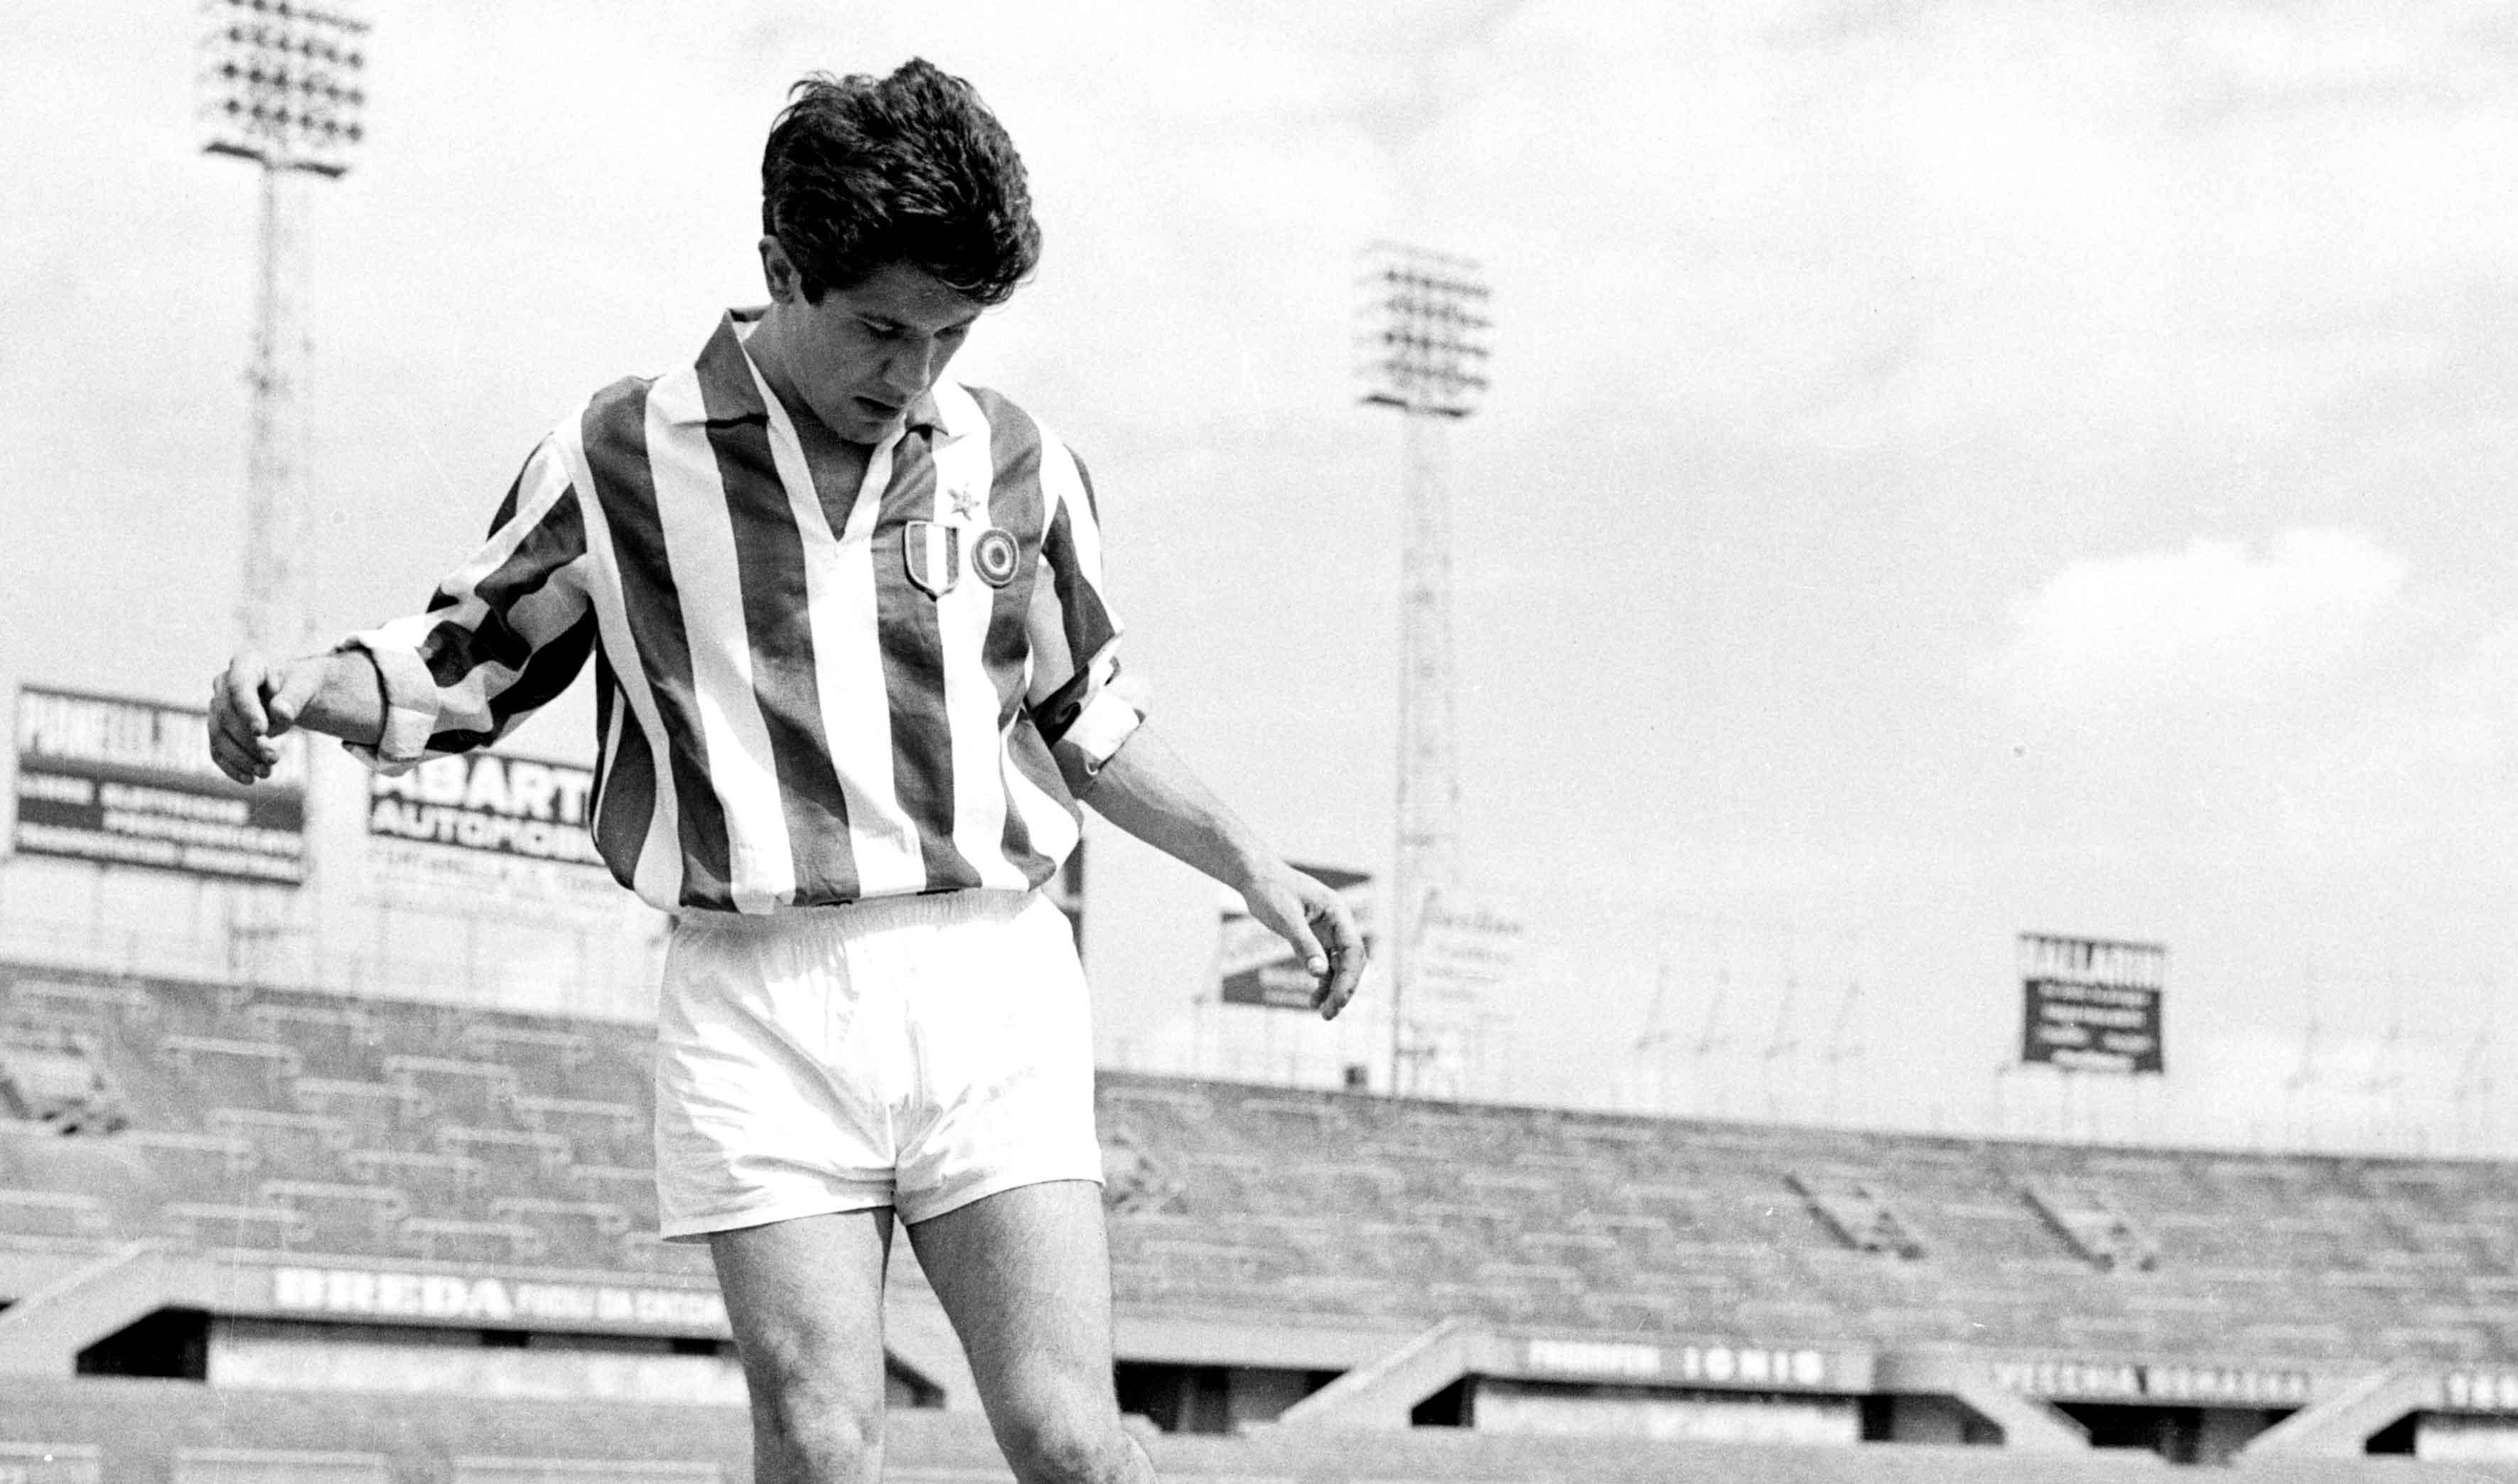 Foto Archivio storico Juventus/LaPresse Anni '60 Torino, Italia storico Il calciatore della Juventus Omar Sivori Nella foto: Omar Sivori con il pallone Sivori